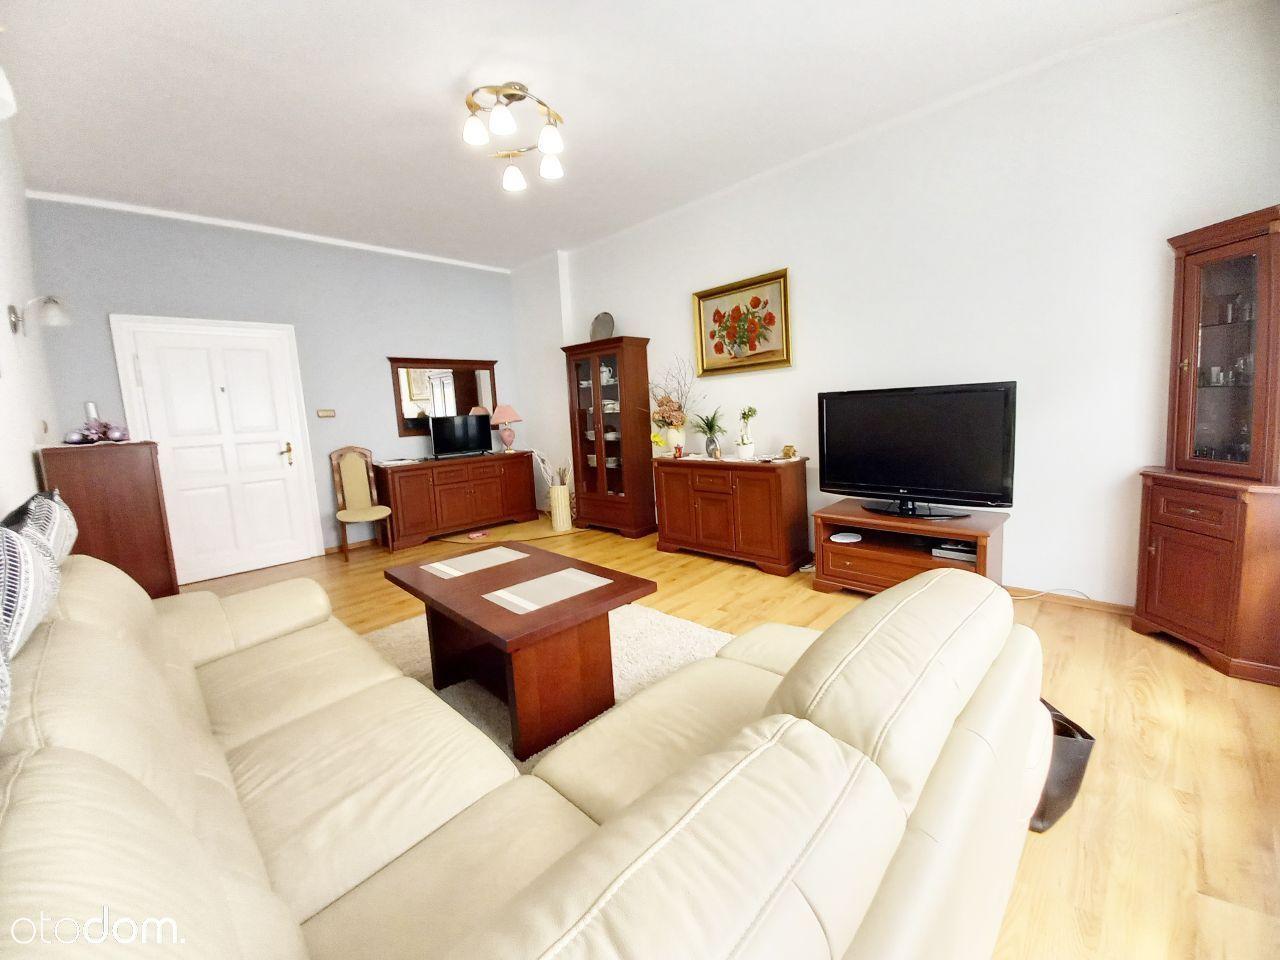 Mieszkanie w centrum Świdnicy 127m2 obok parku!